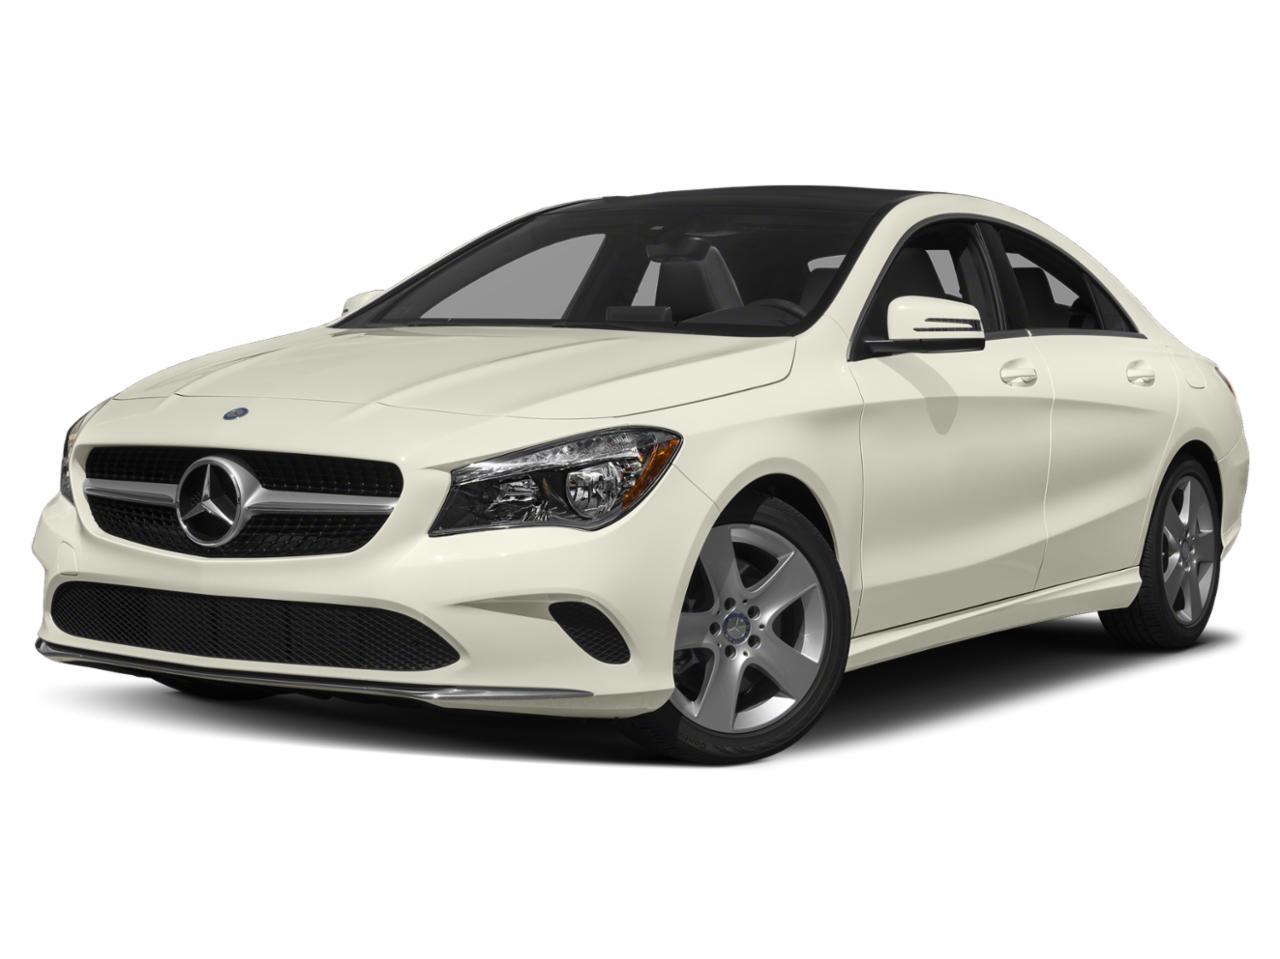 2019 Mercedes-Benz CLA Vehicle Photo in Tucson, AZ 85705